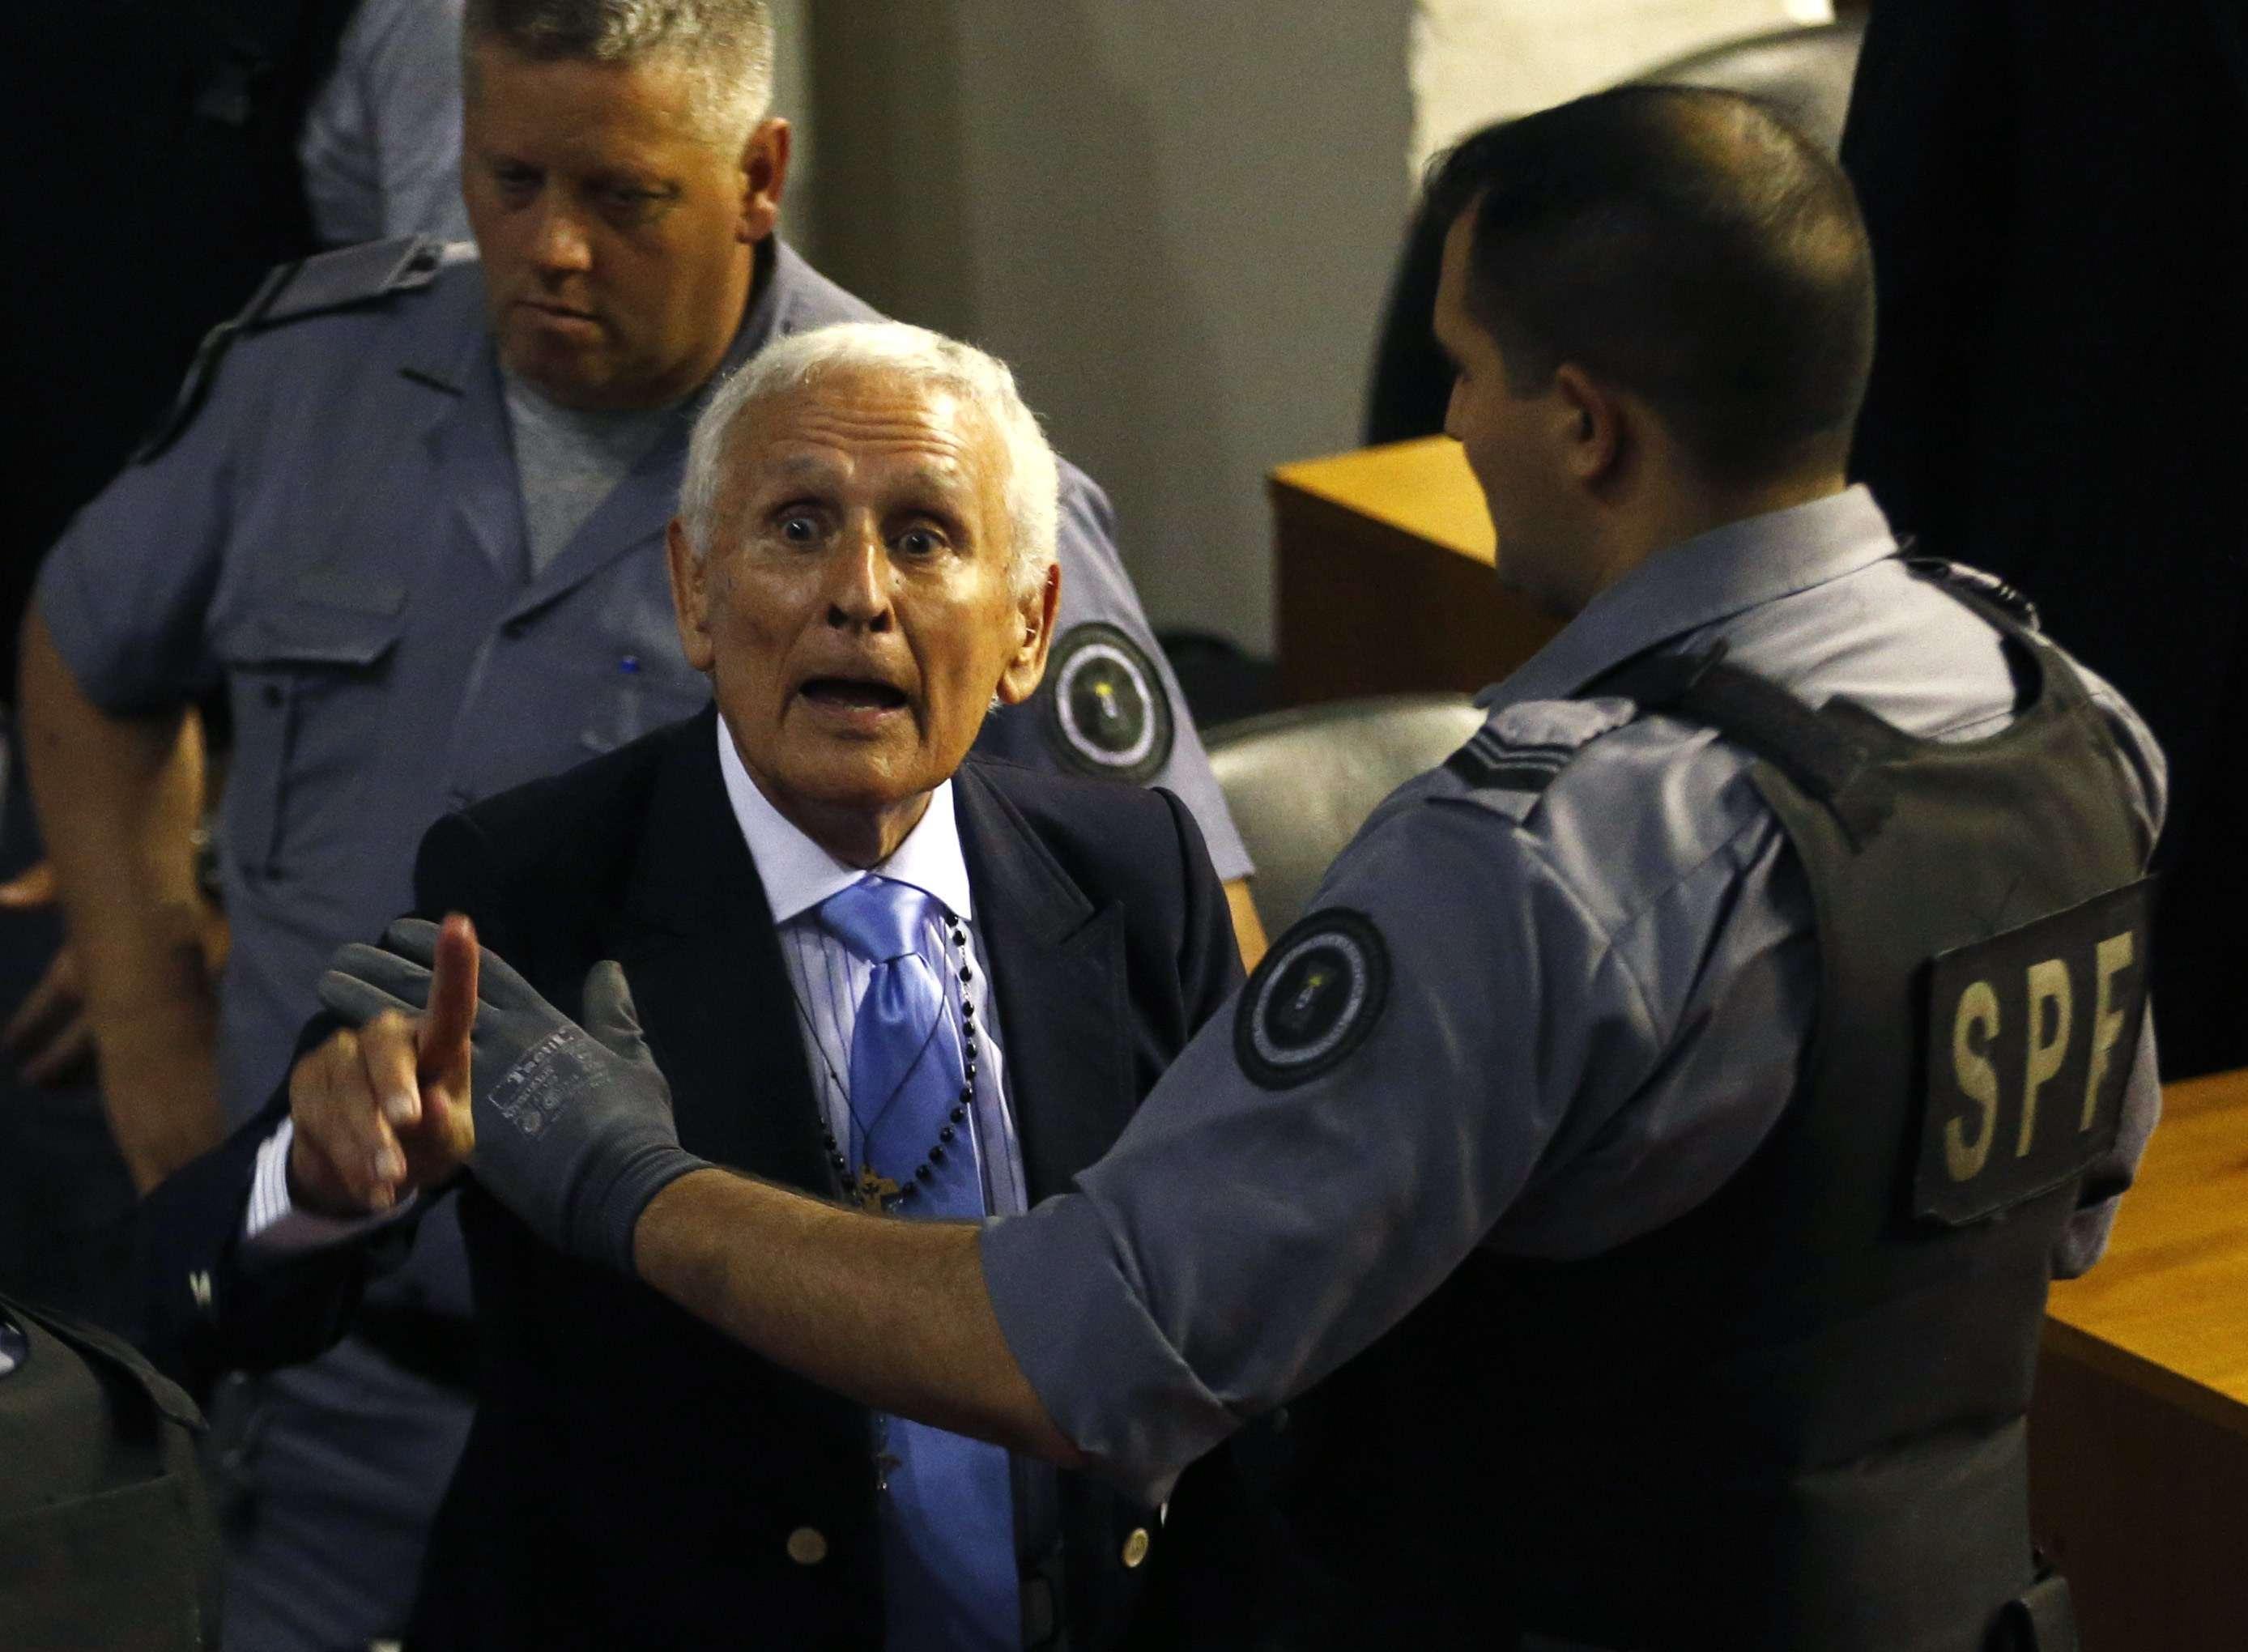 O condenado Miguel Etchecolatz reage durante julgamento Foto: Enrique Marcarian/Reuters